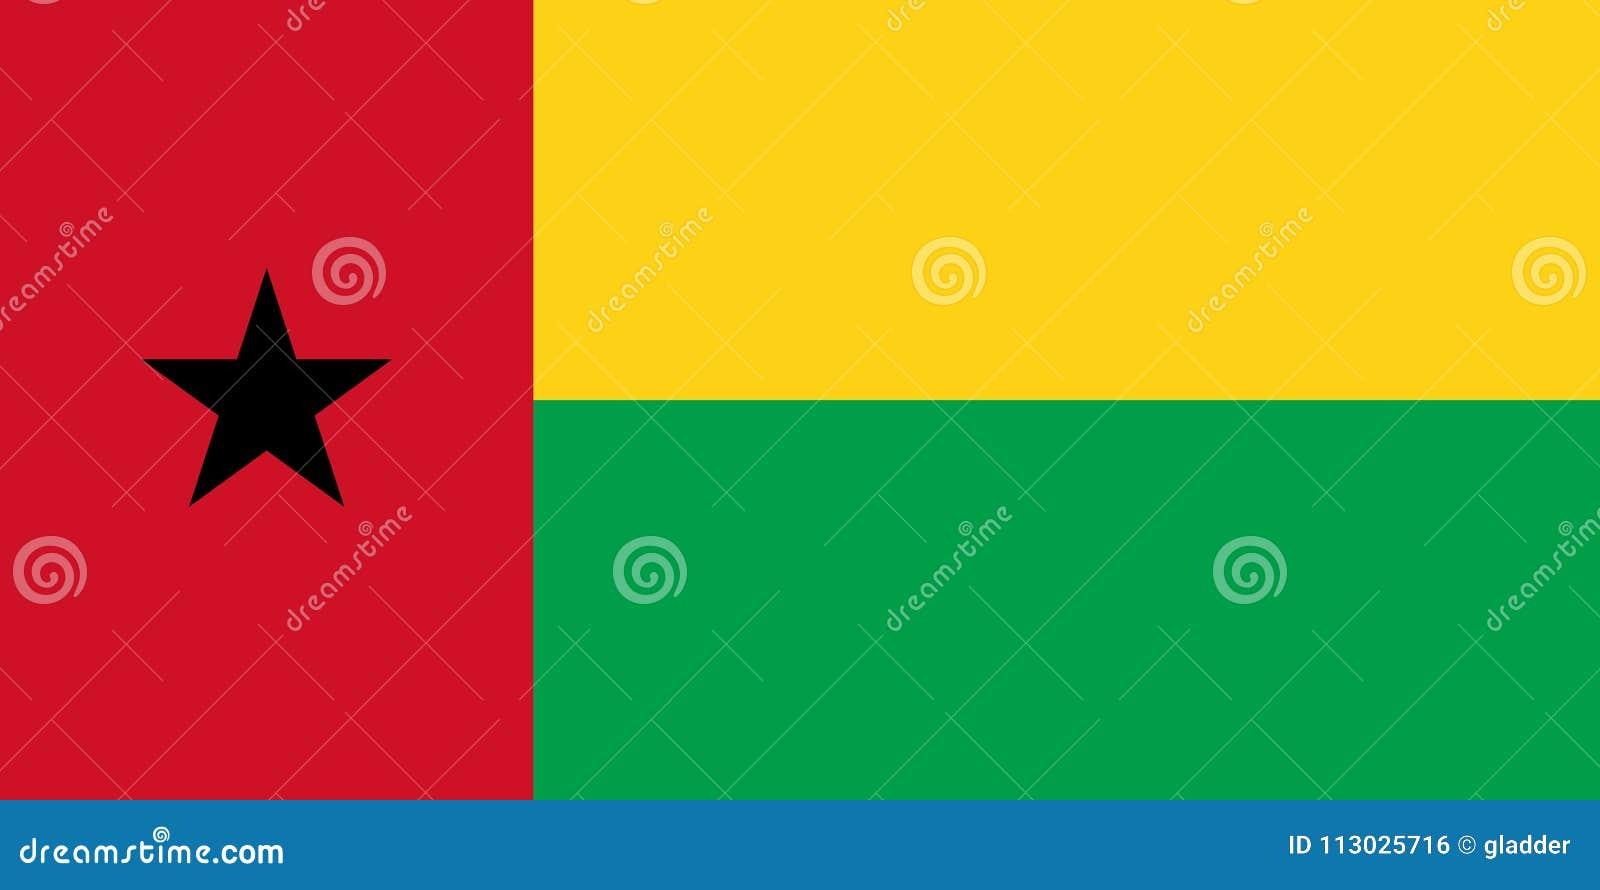 Bandera de Guinea-Bissau en los colores y las proporciones oficiales, imagen del vector